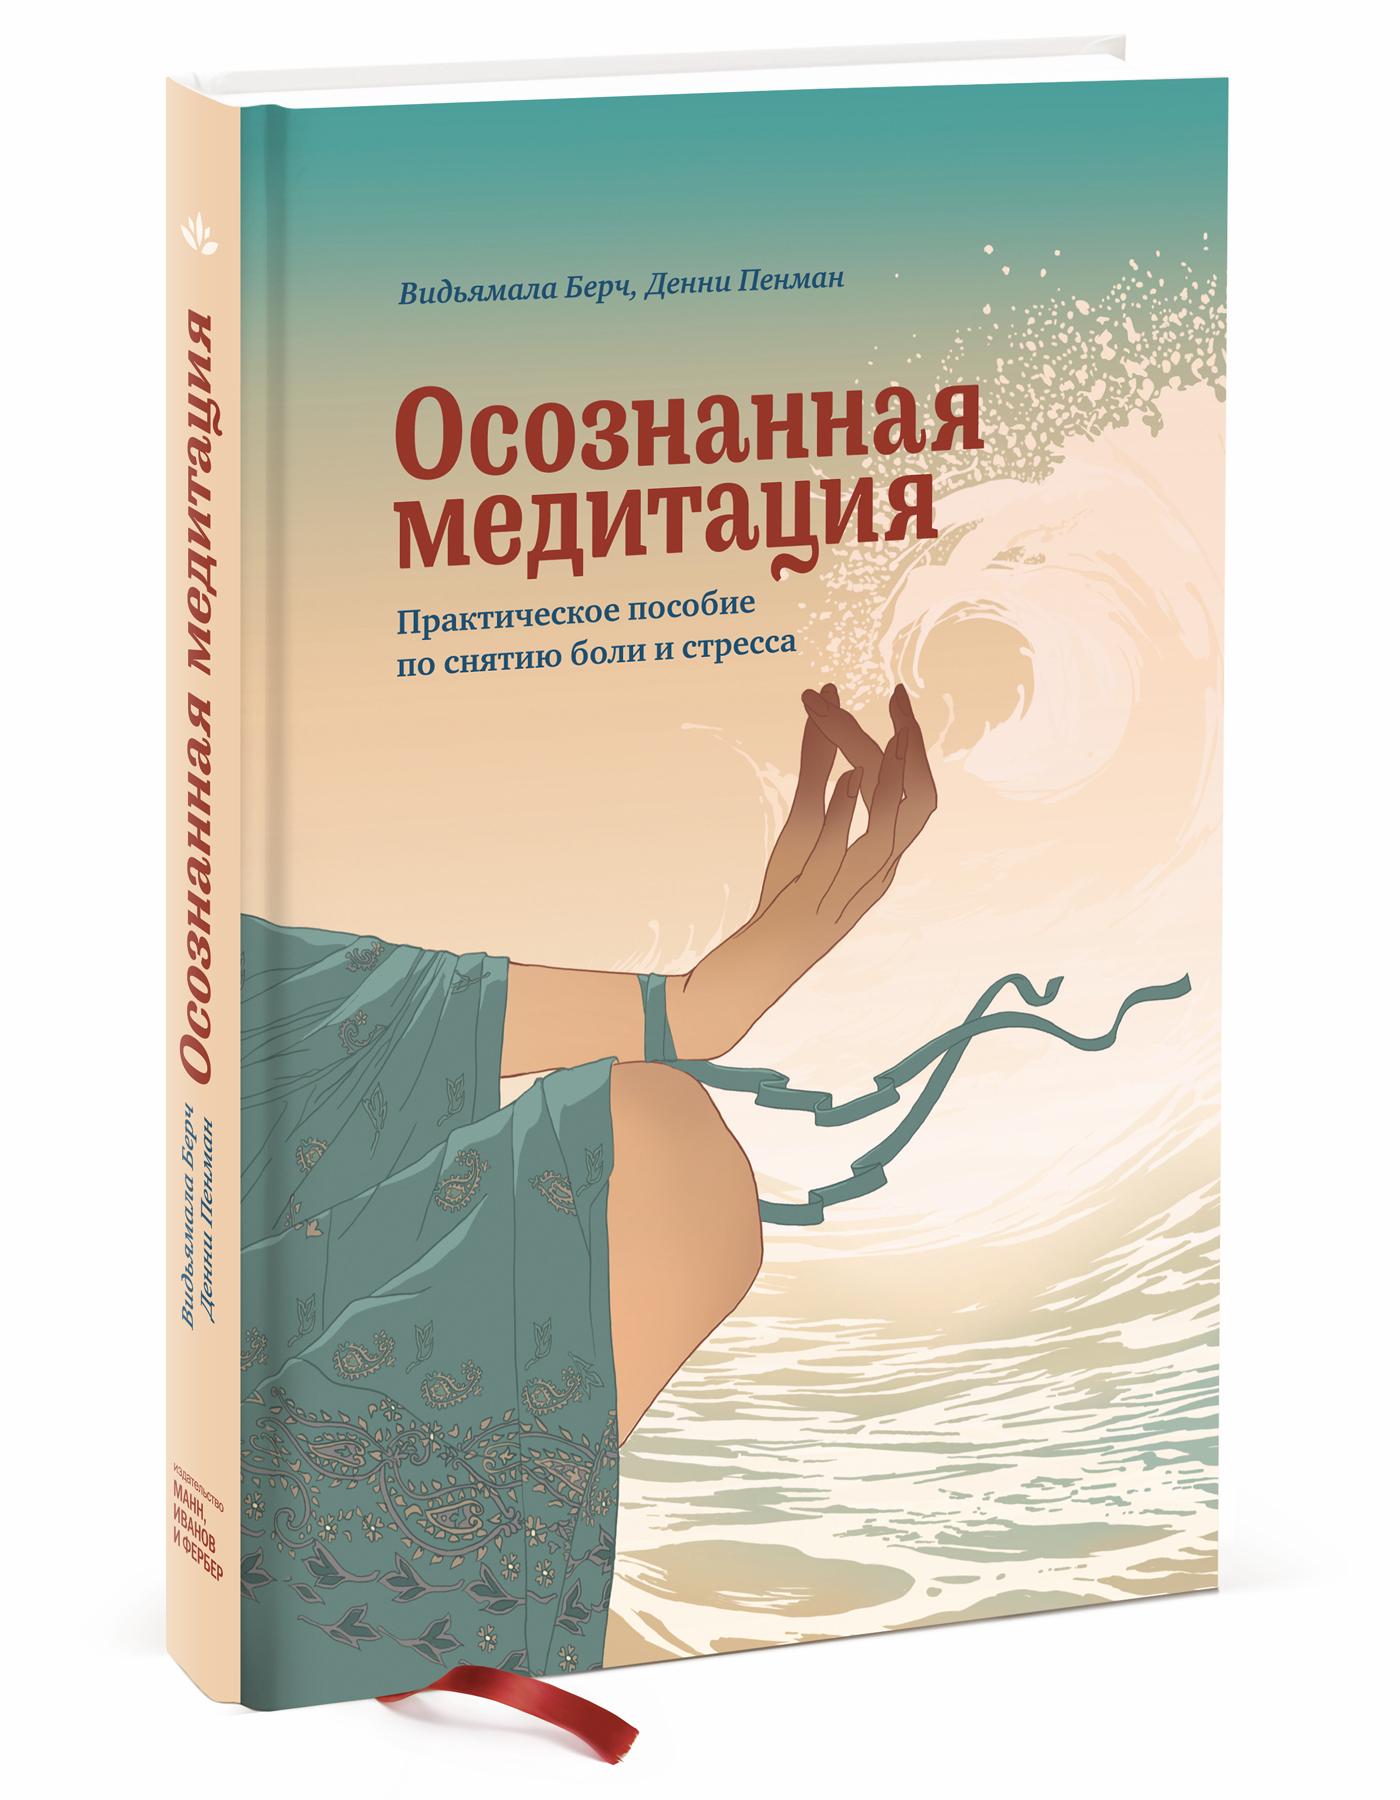 Книга Осознанная медитация. Практическое пособие по снятию боли и стресса